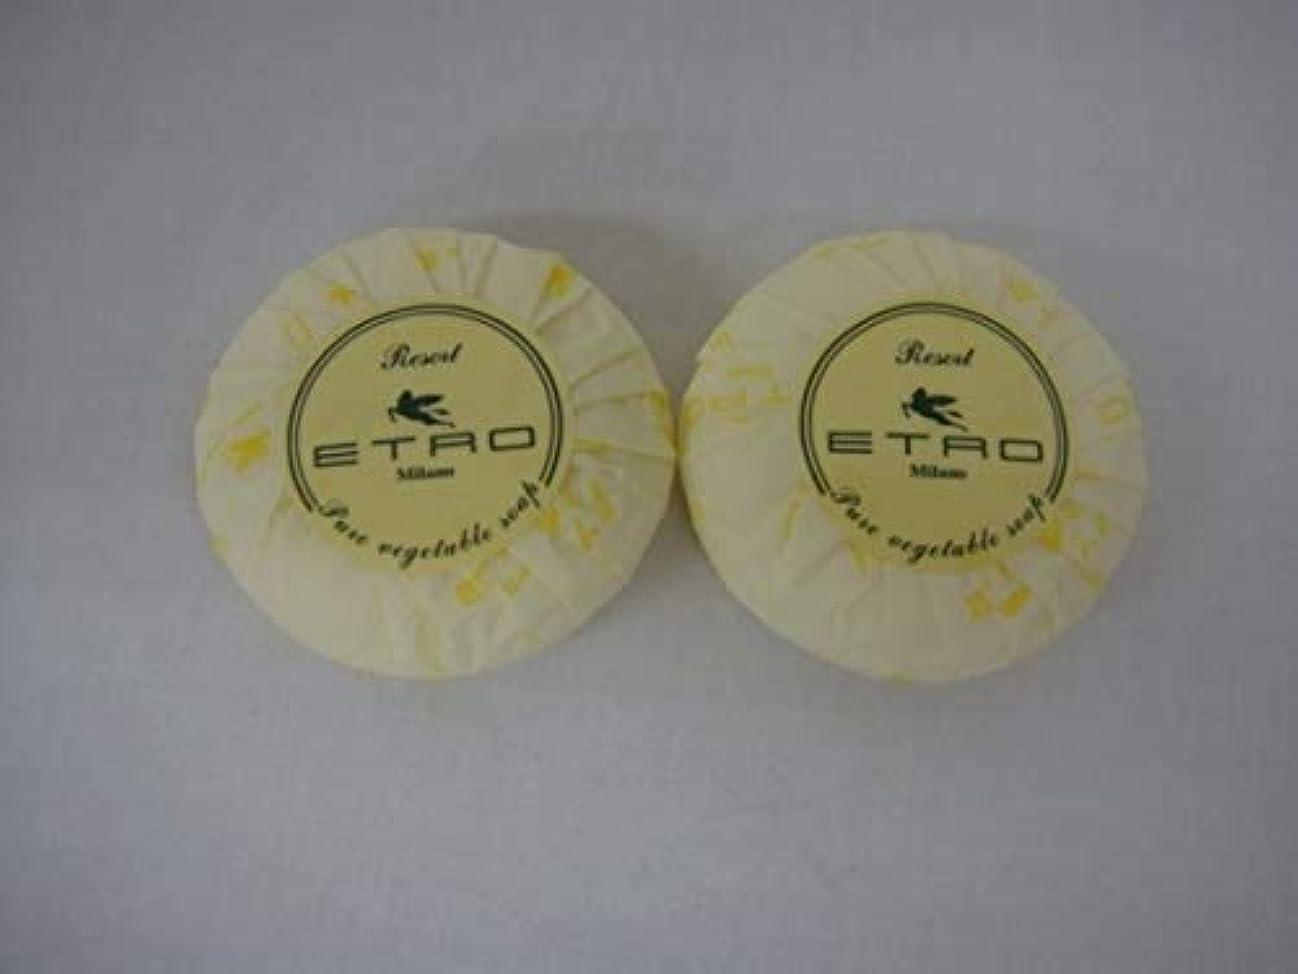 半径退屈なインク【X2個セット】ETRO エトロ ピュアベジタブルソープ 石鹸40g×2個 (合計4個)